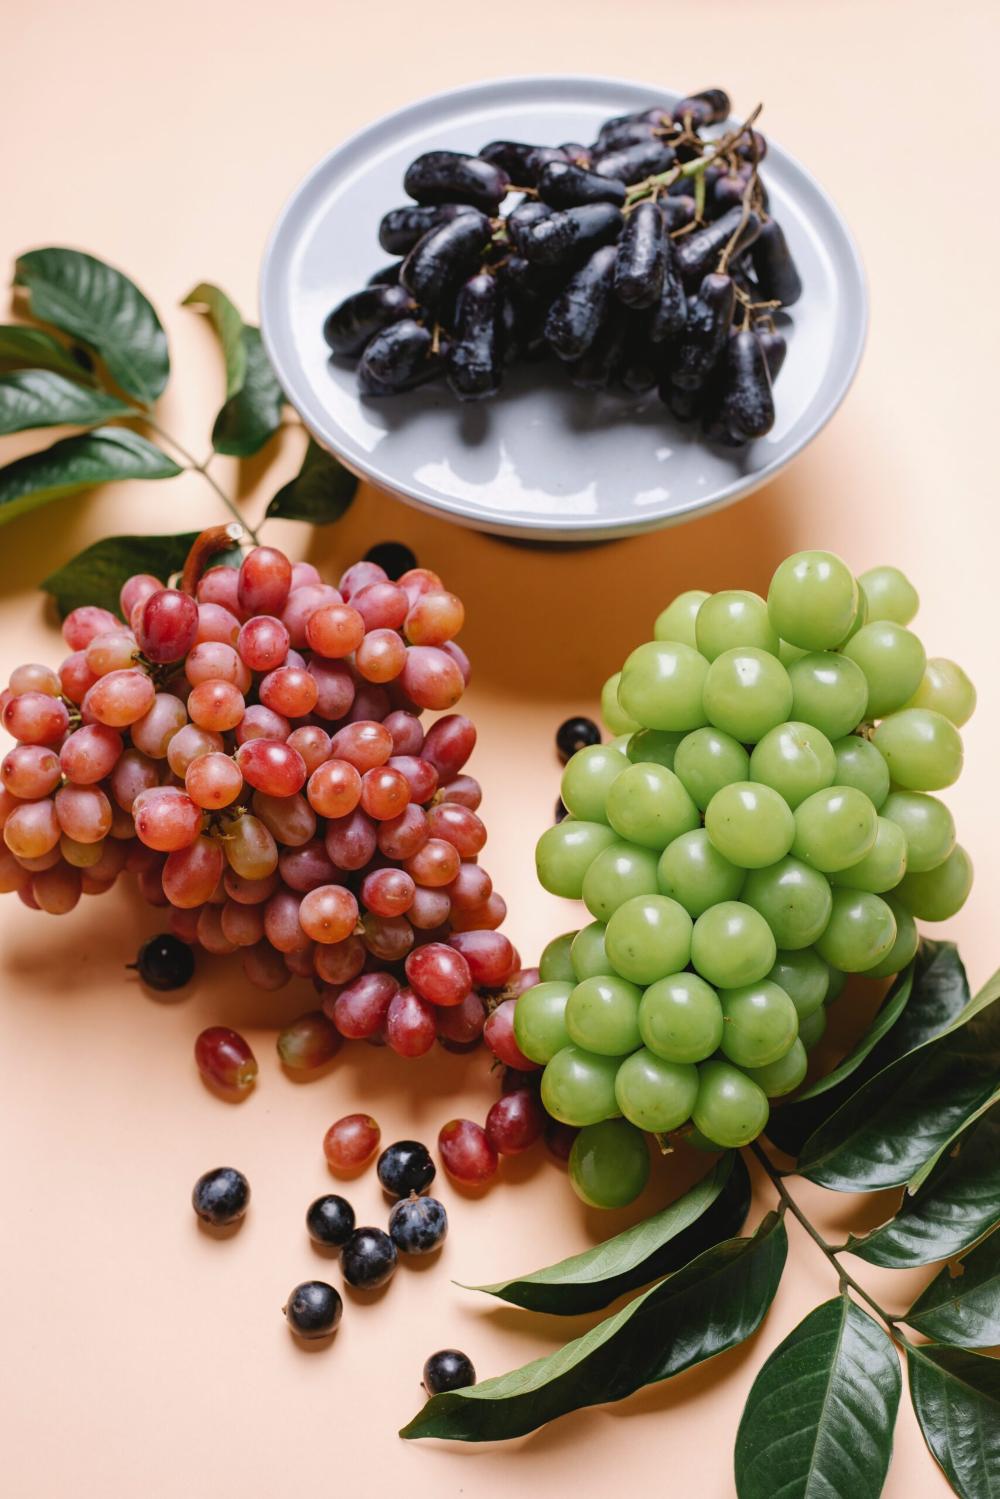 اعلان عن منتج واعلان عن خدمة مع 50 نموذج In 2021 Food Portions Keto Diet Food